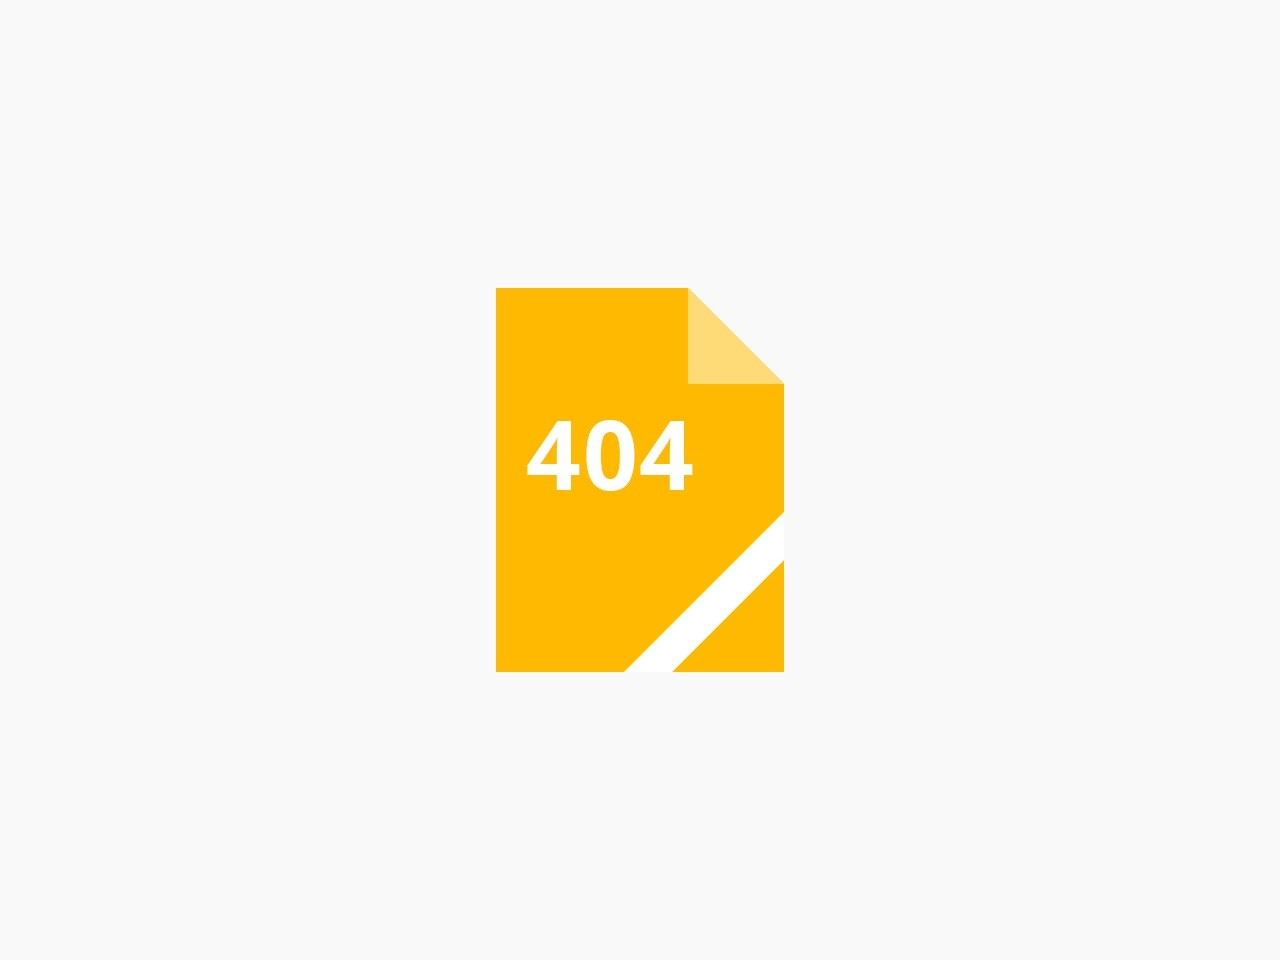 94电影网